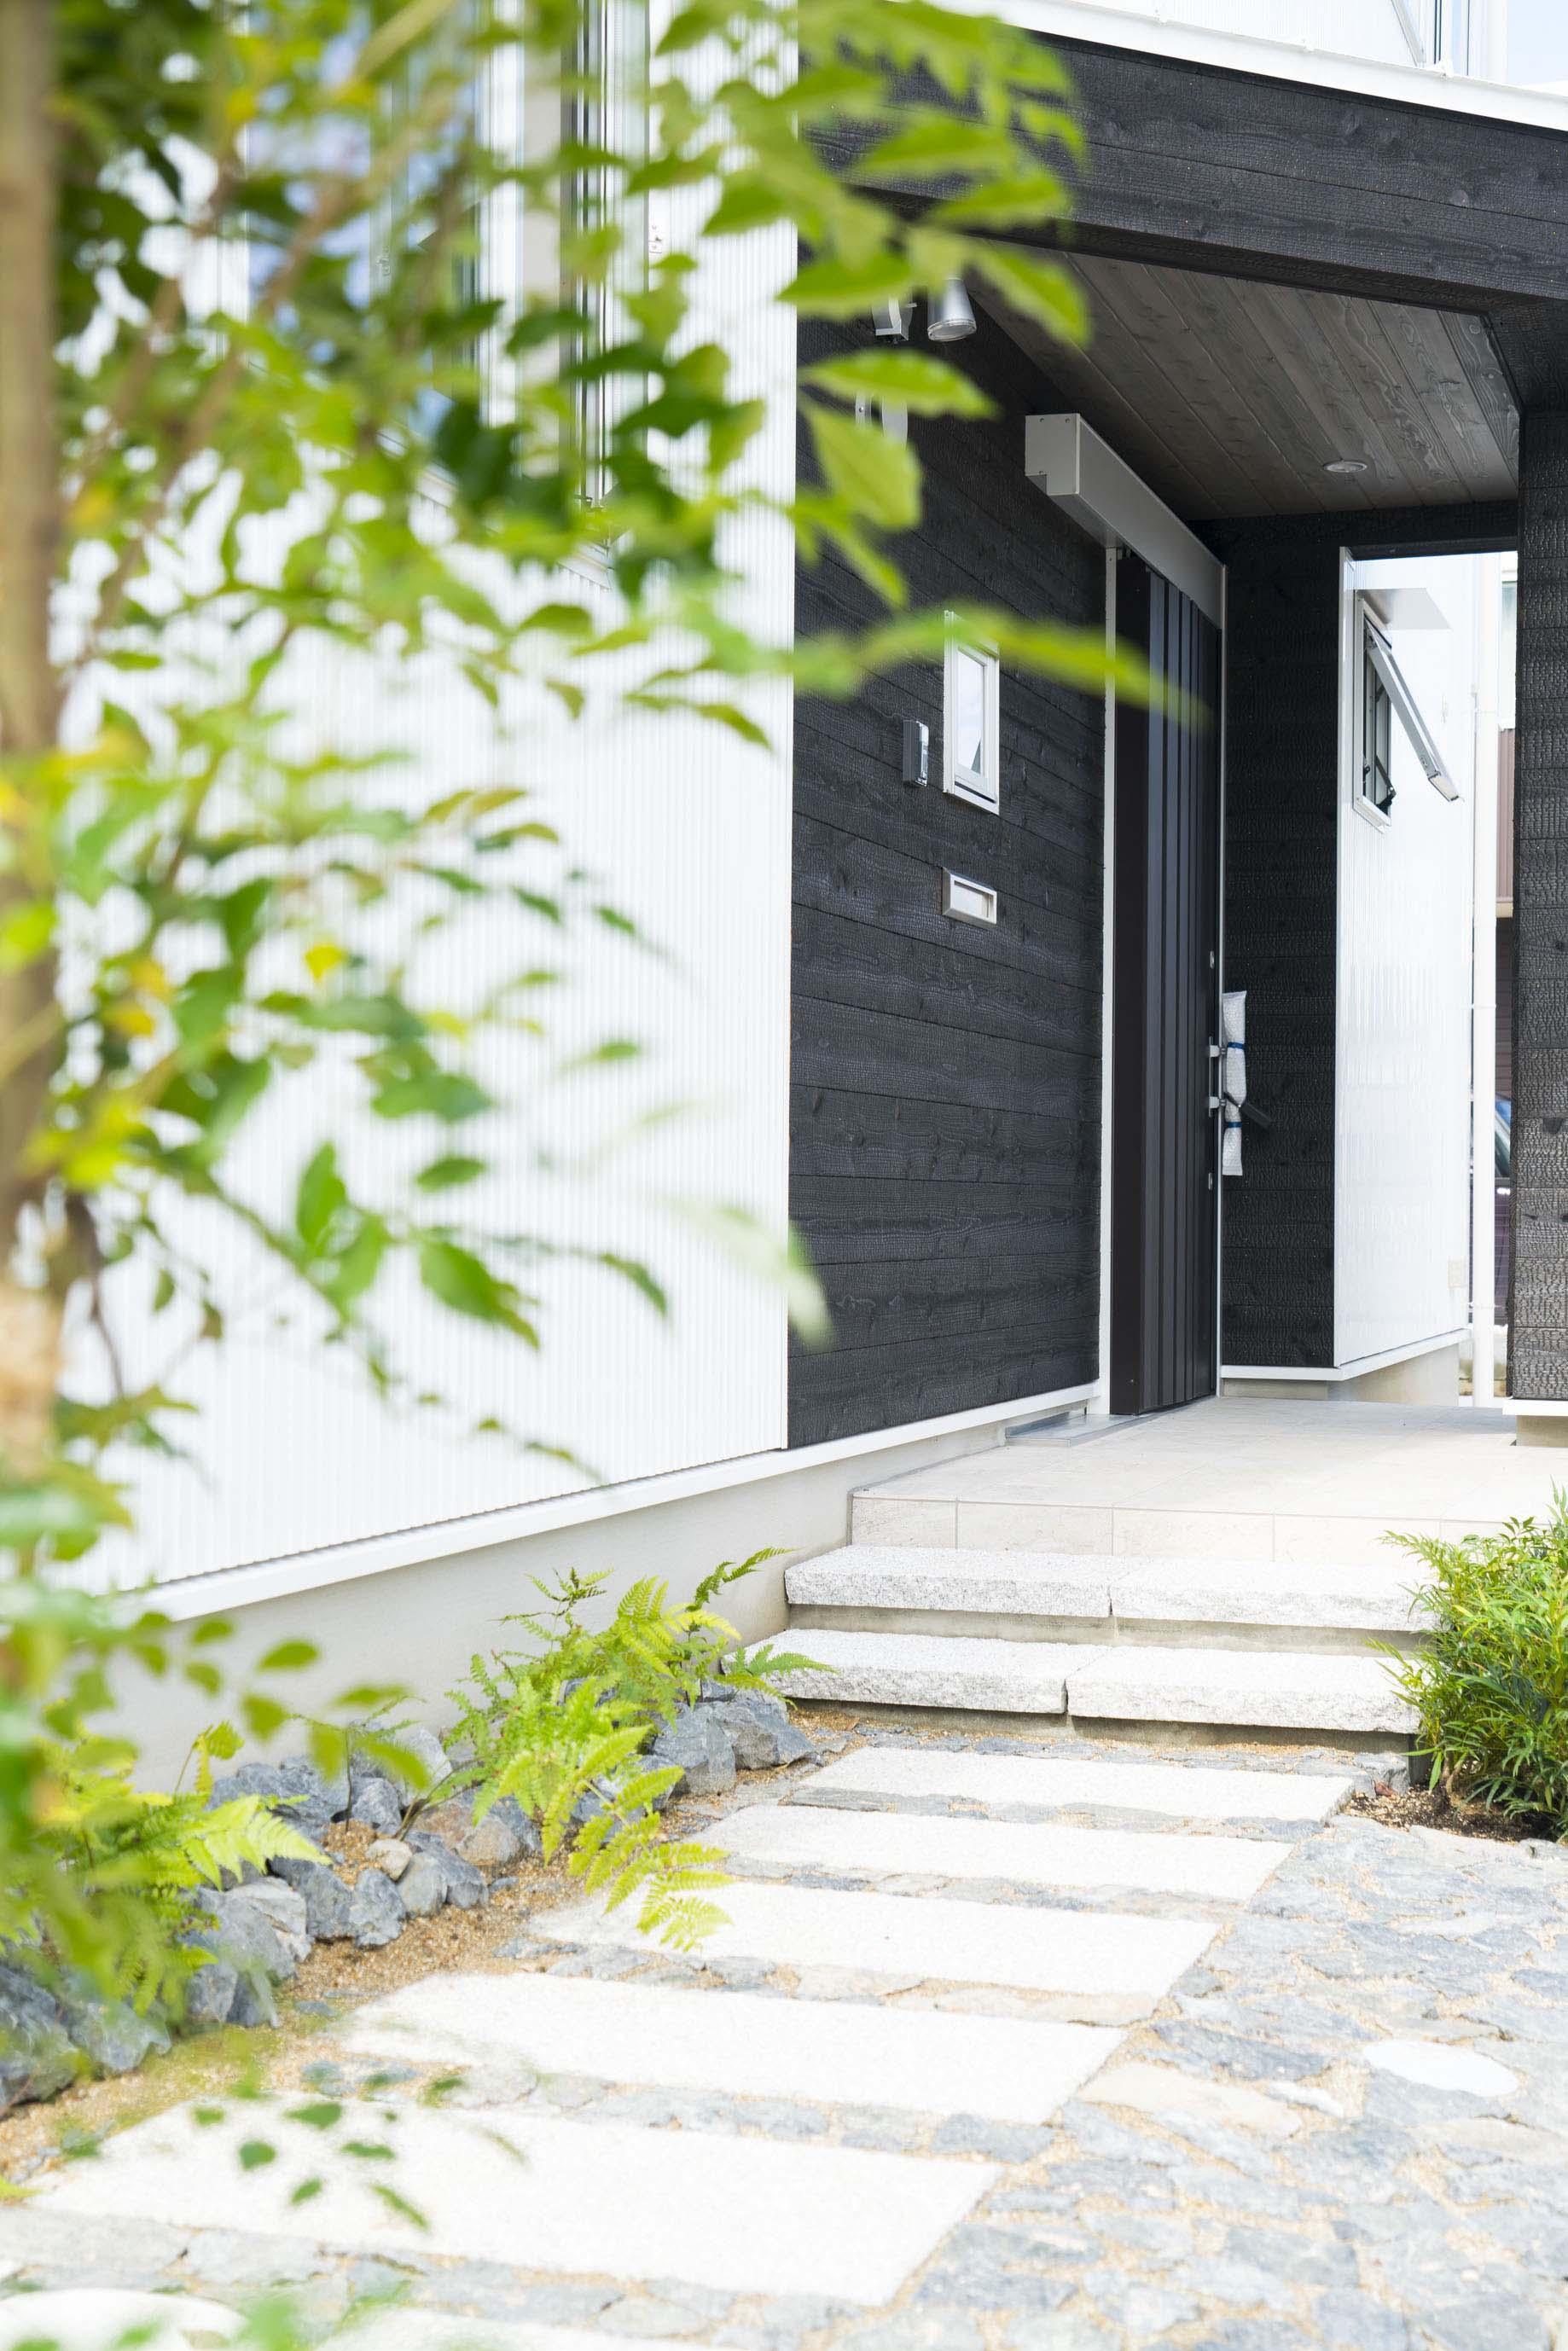 公園前の2世帯の住まいの部屋 石畳の玄関アプローチ